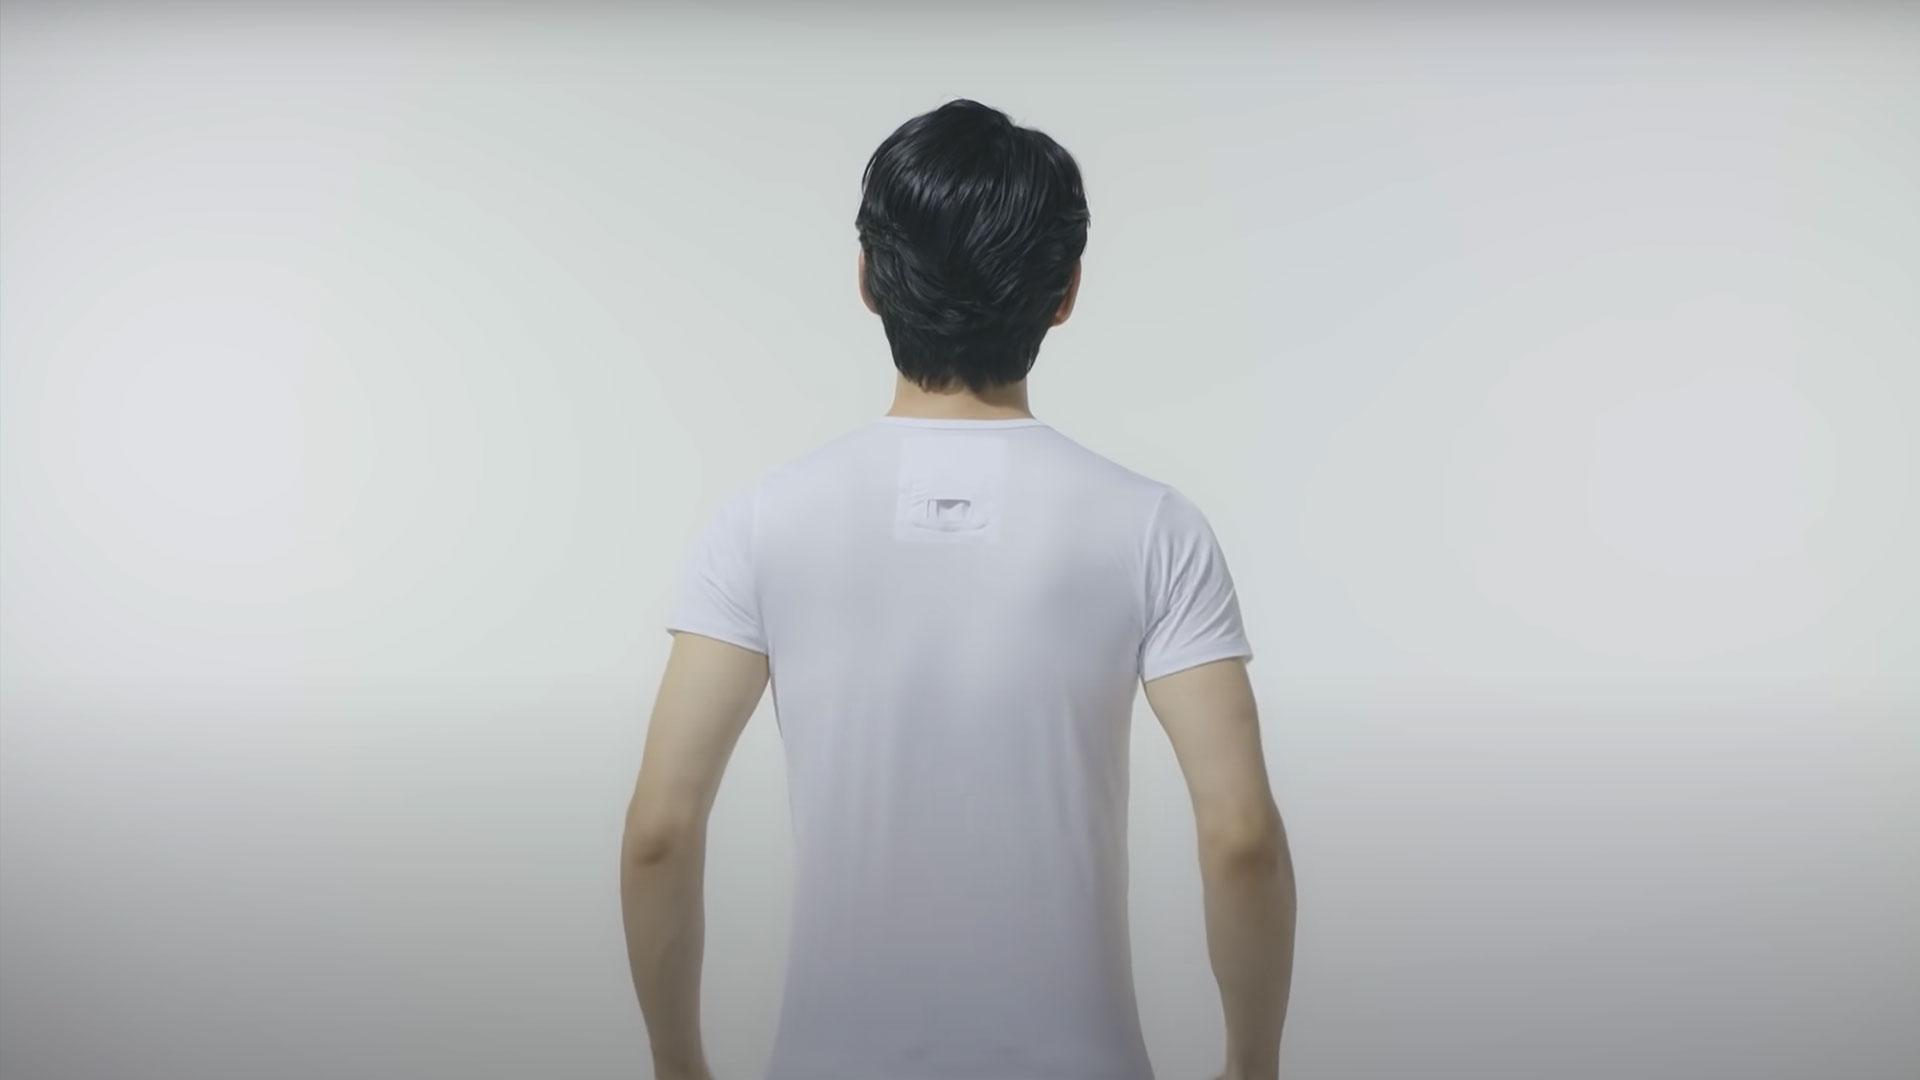 SoSony Reon Pocket tegen plakrugny Reon Pocket tegen plakrug